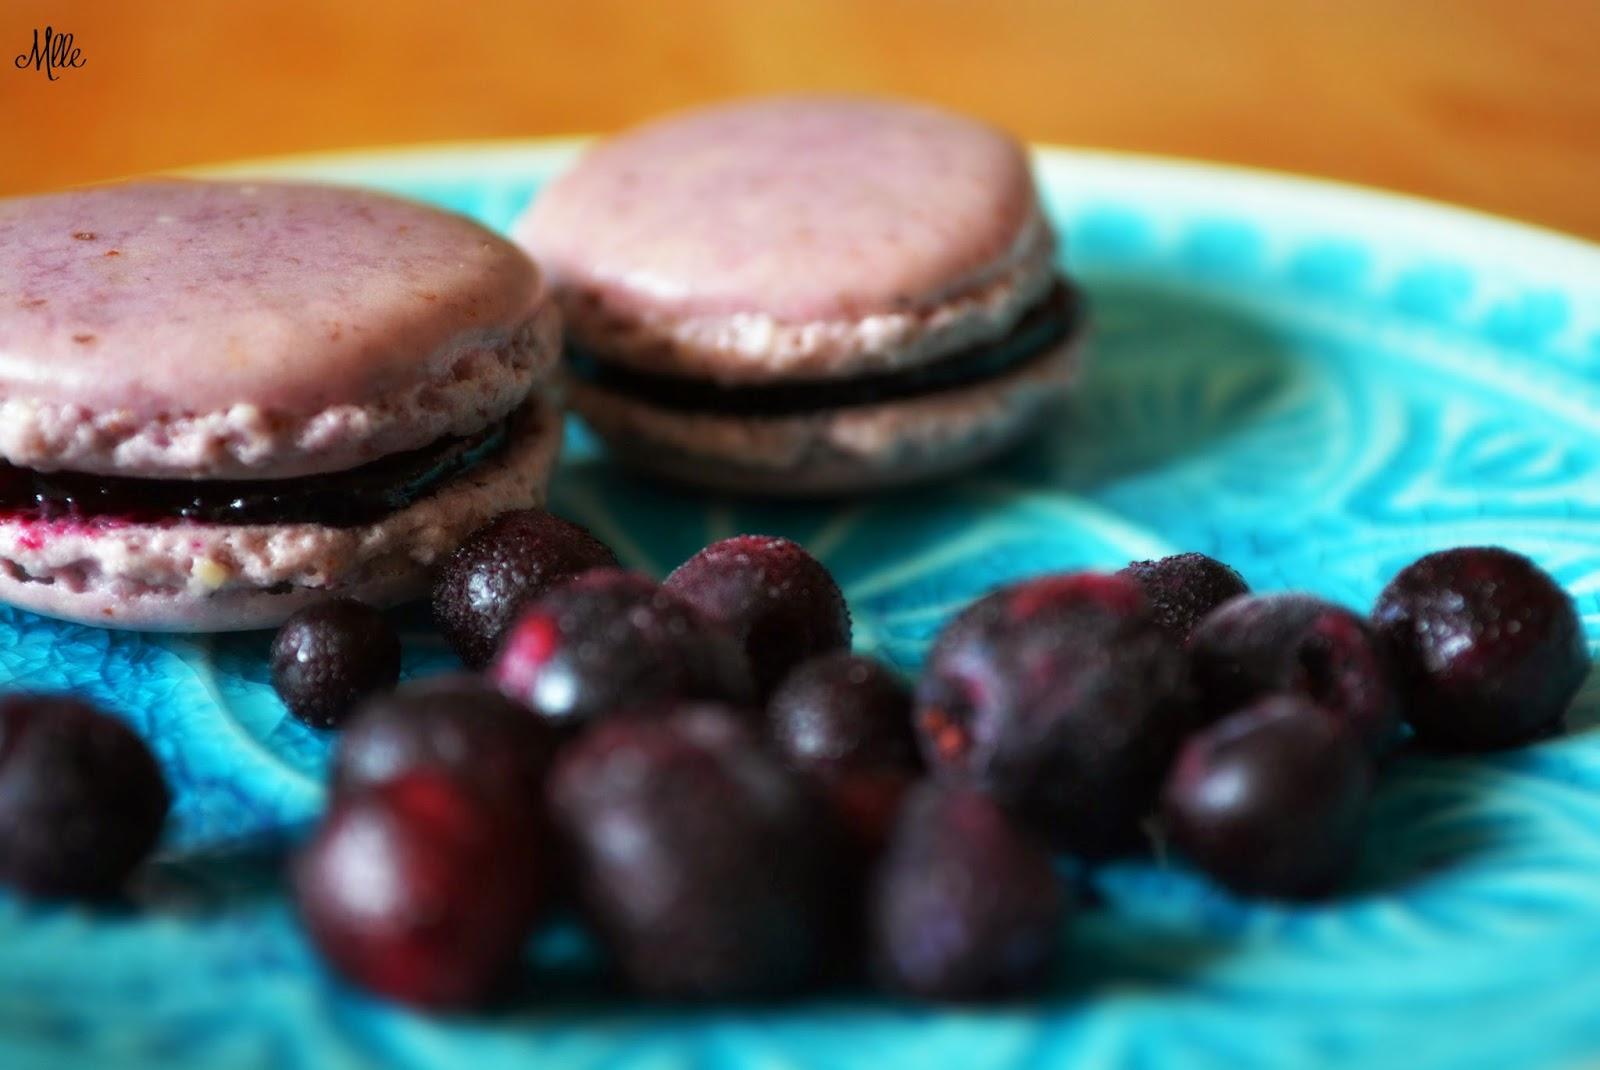 http://mademoisellepetitpoint.blogspot.de/2014/03/finalement-macarons-des-myrtilles.html